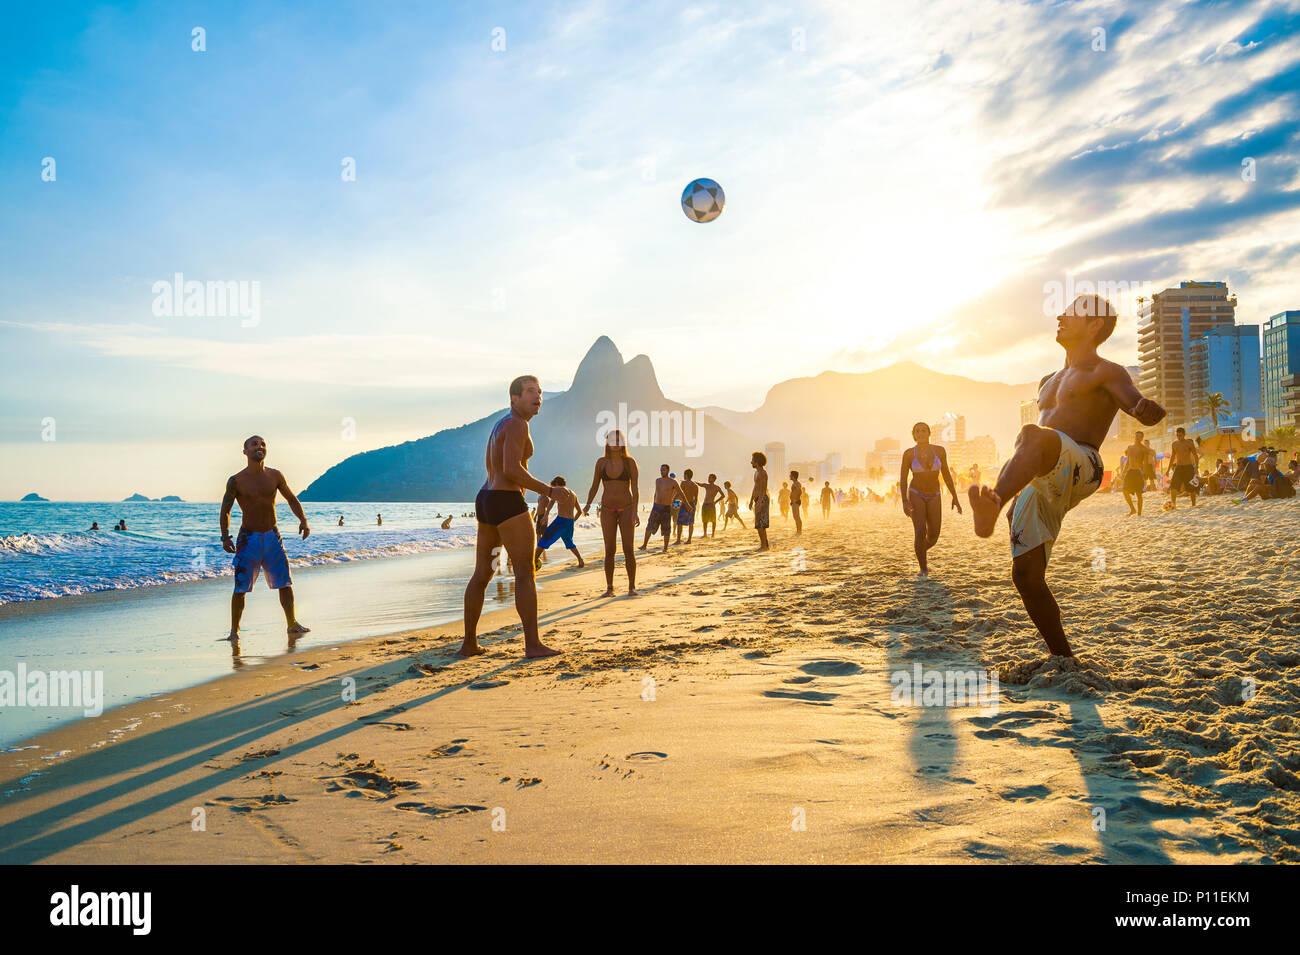 RIO DE JANEIRO - April 01, 2014: Der junge Brasilianer spielen Keepy Uppy, oder altinho, bei Sonnenuntergang am Ufer des Ipanema Strand am Posto 9. Stockbild